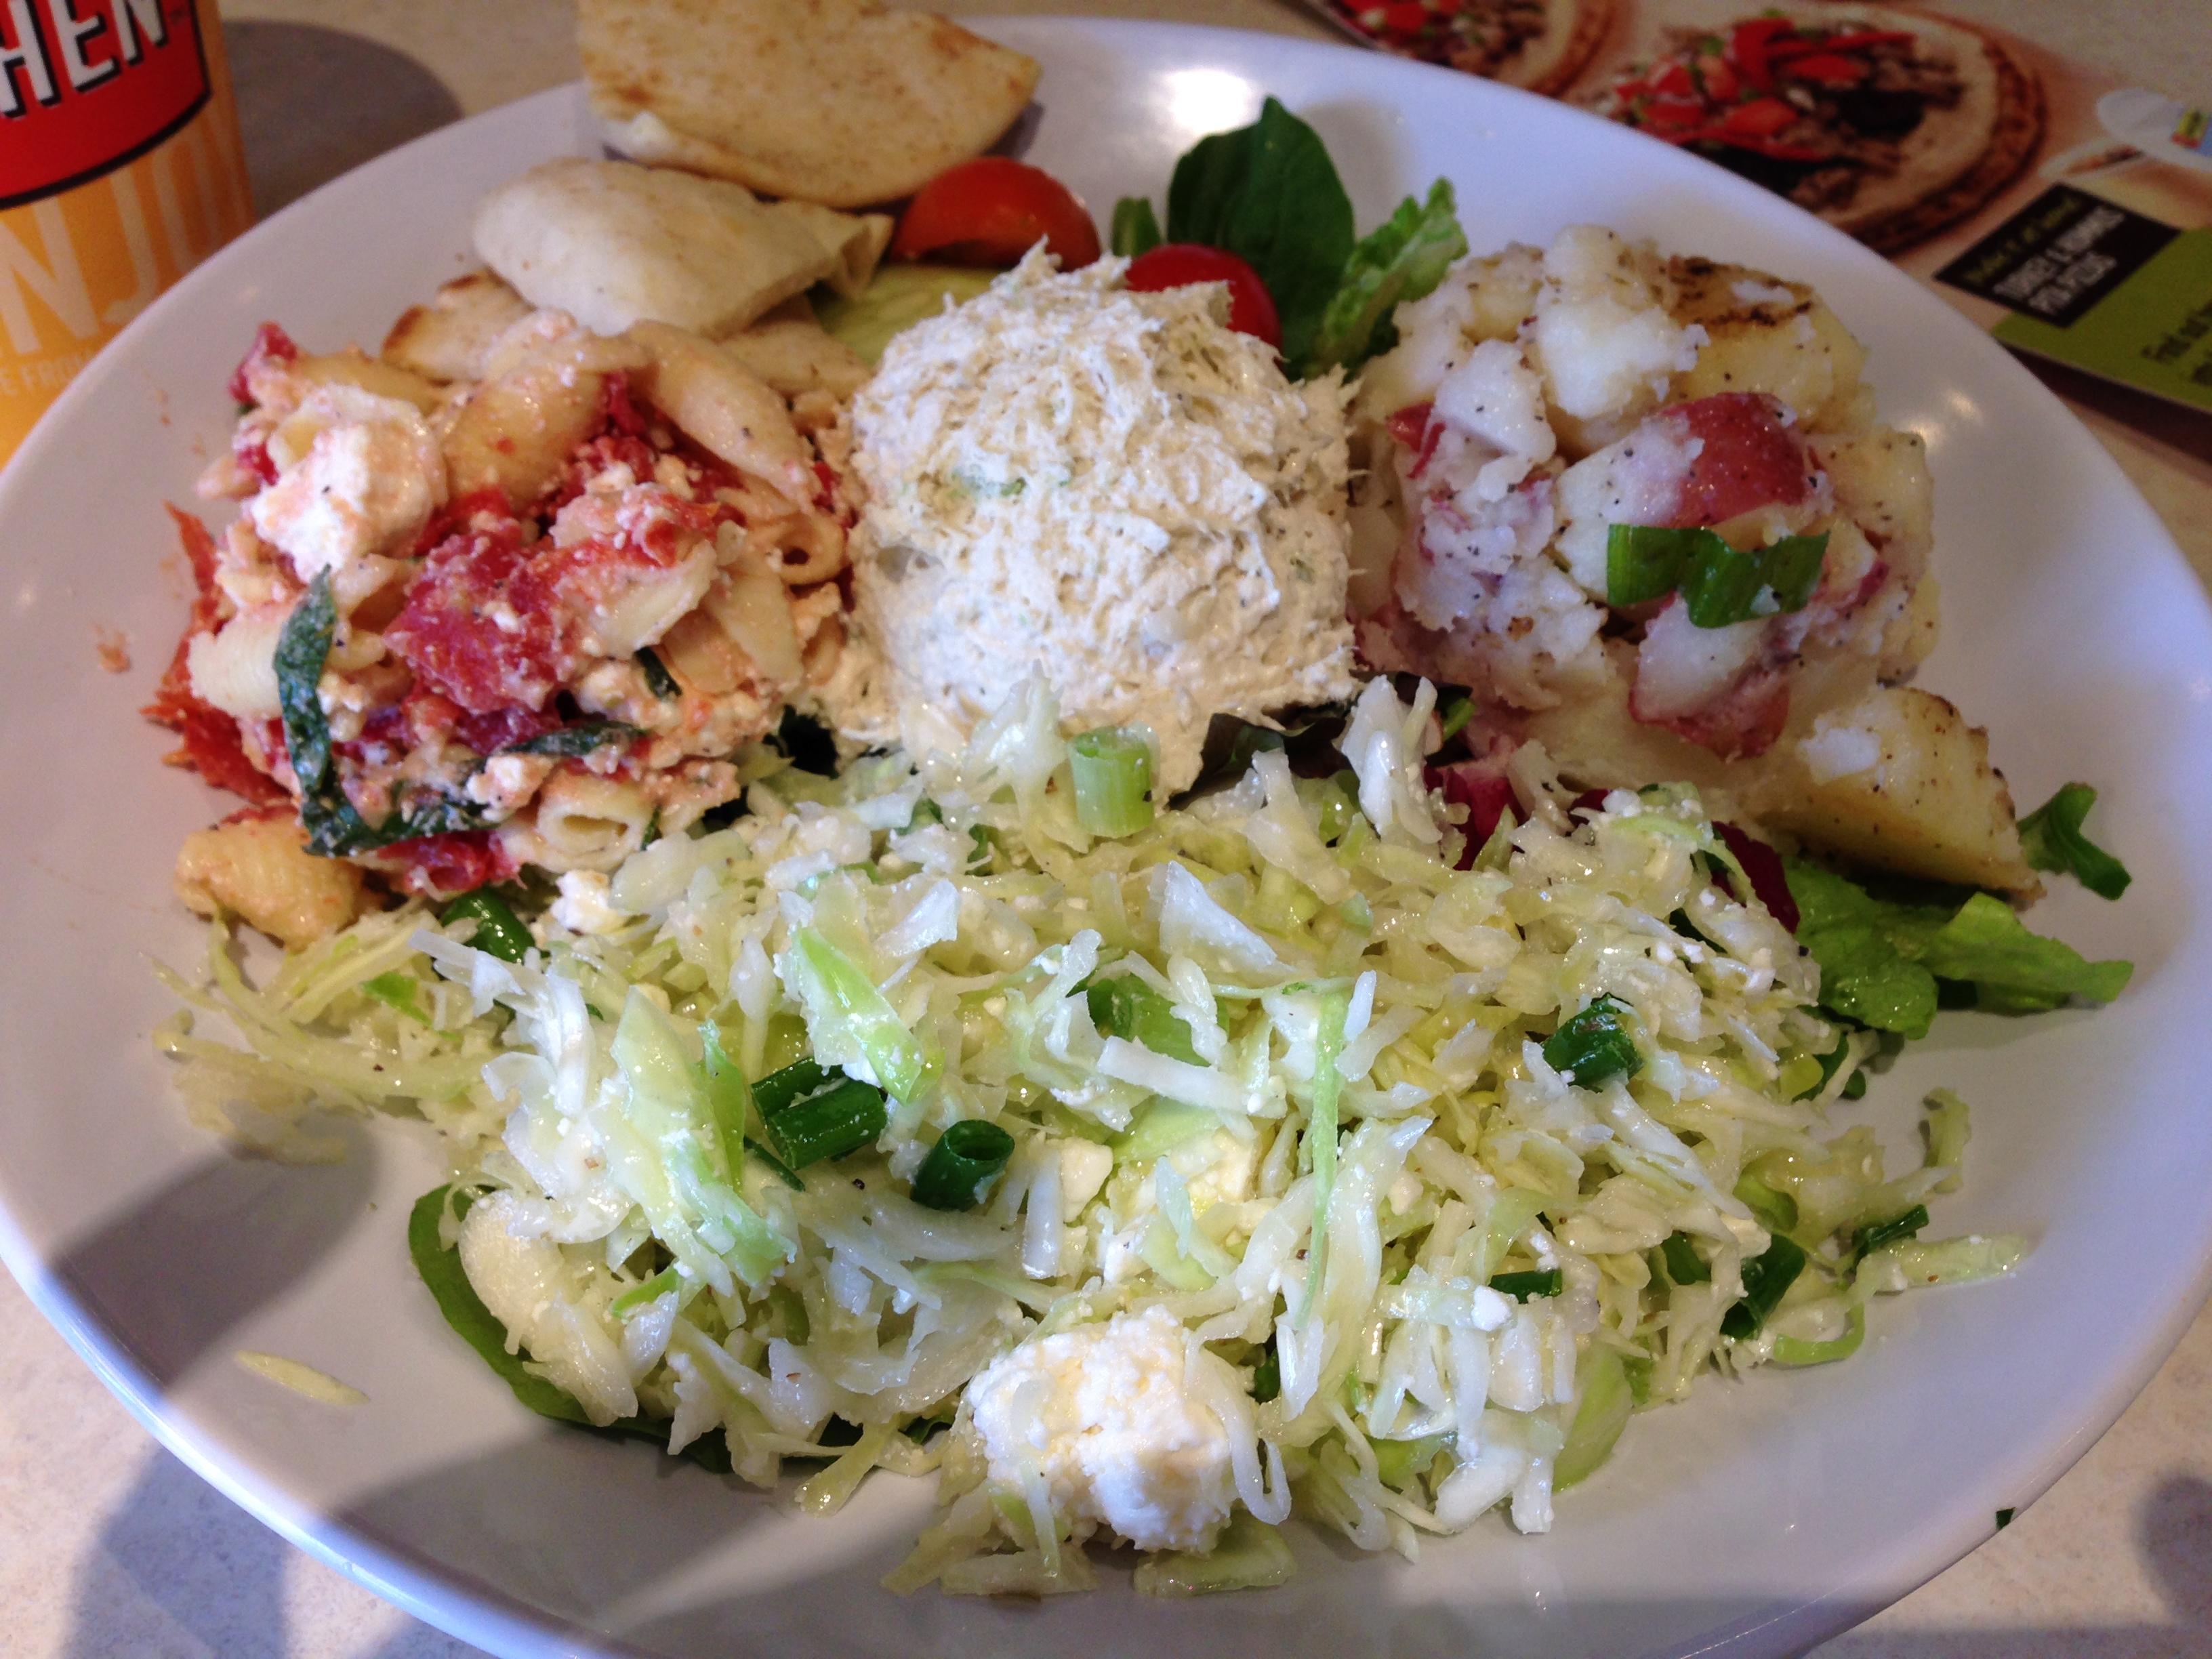 Zoes Kitchen Chicken Salad Sandwich Zoe's Kitchen  Top Of The Heap  Afatbanker